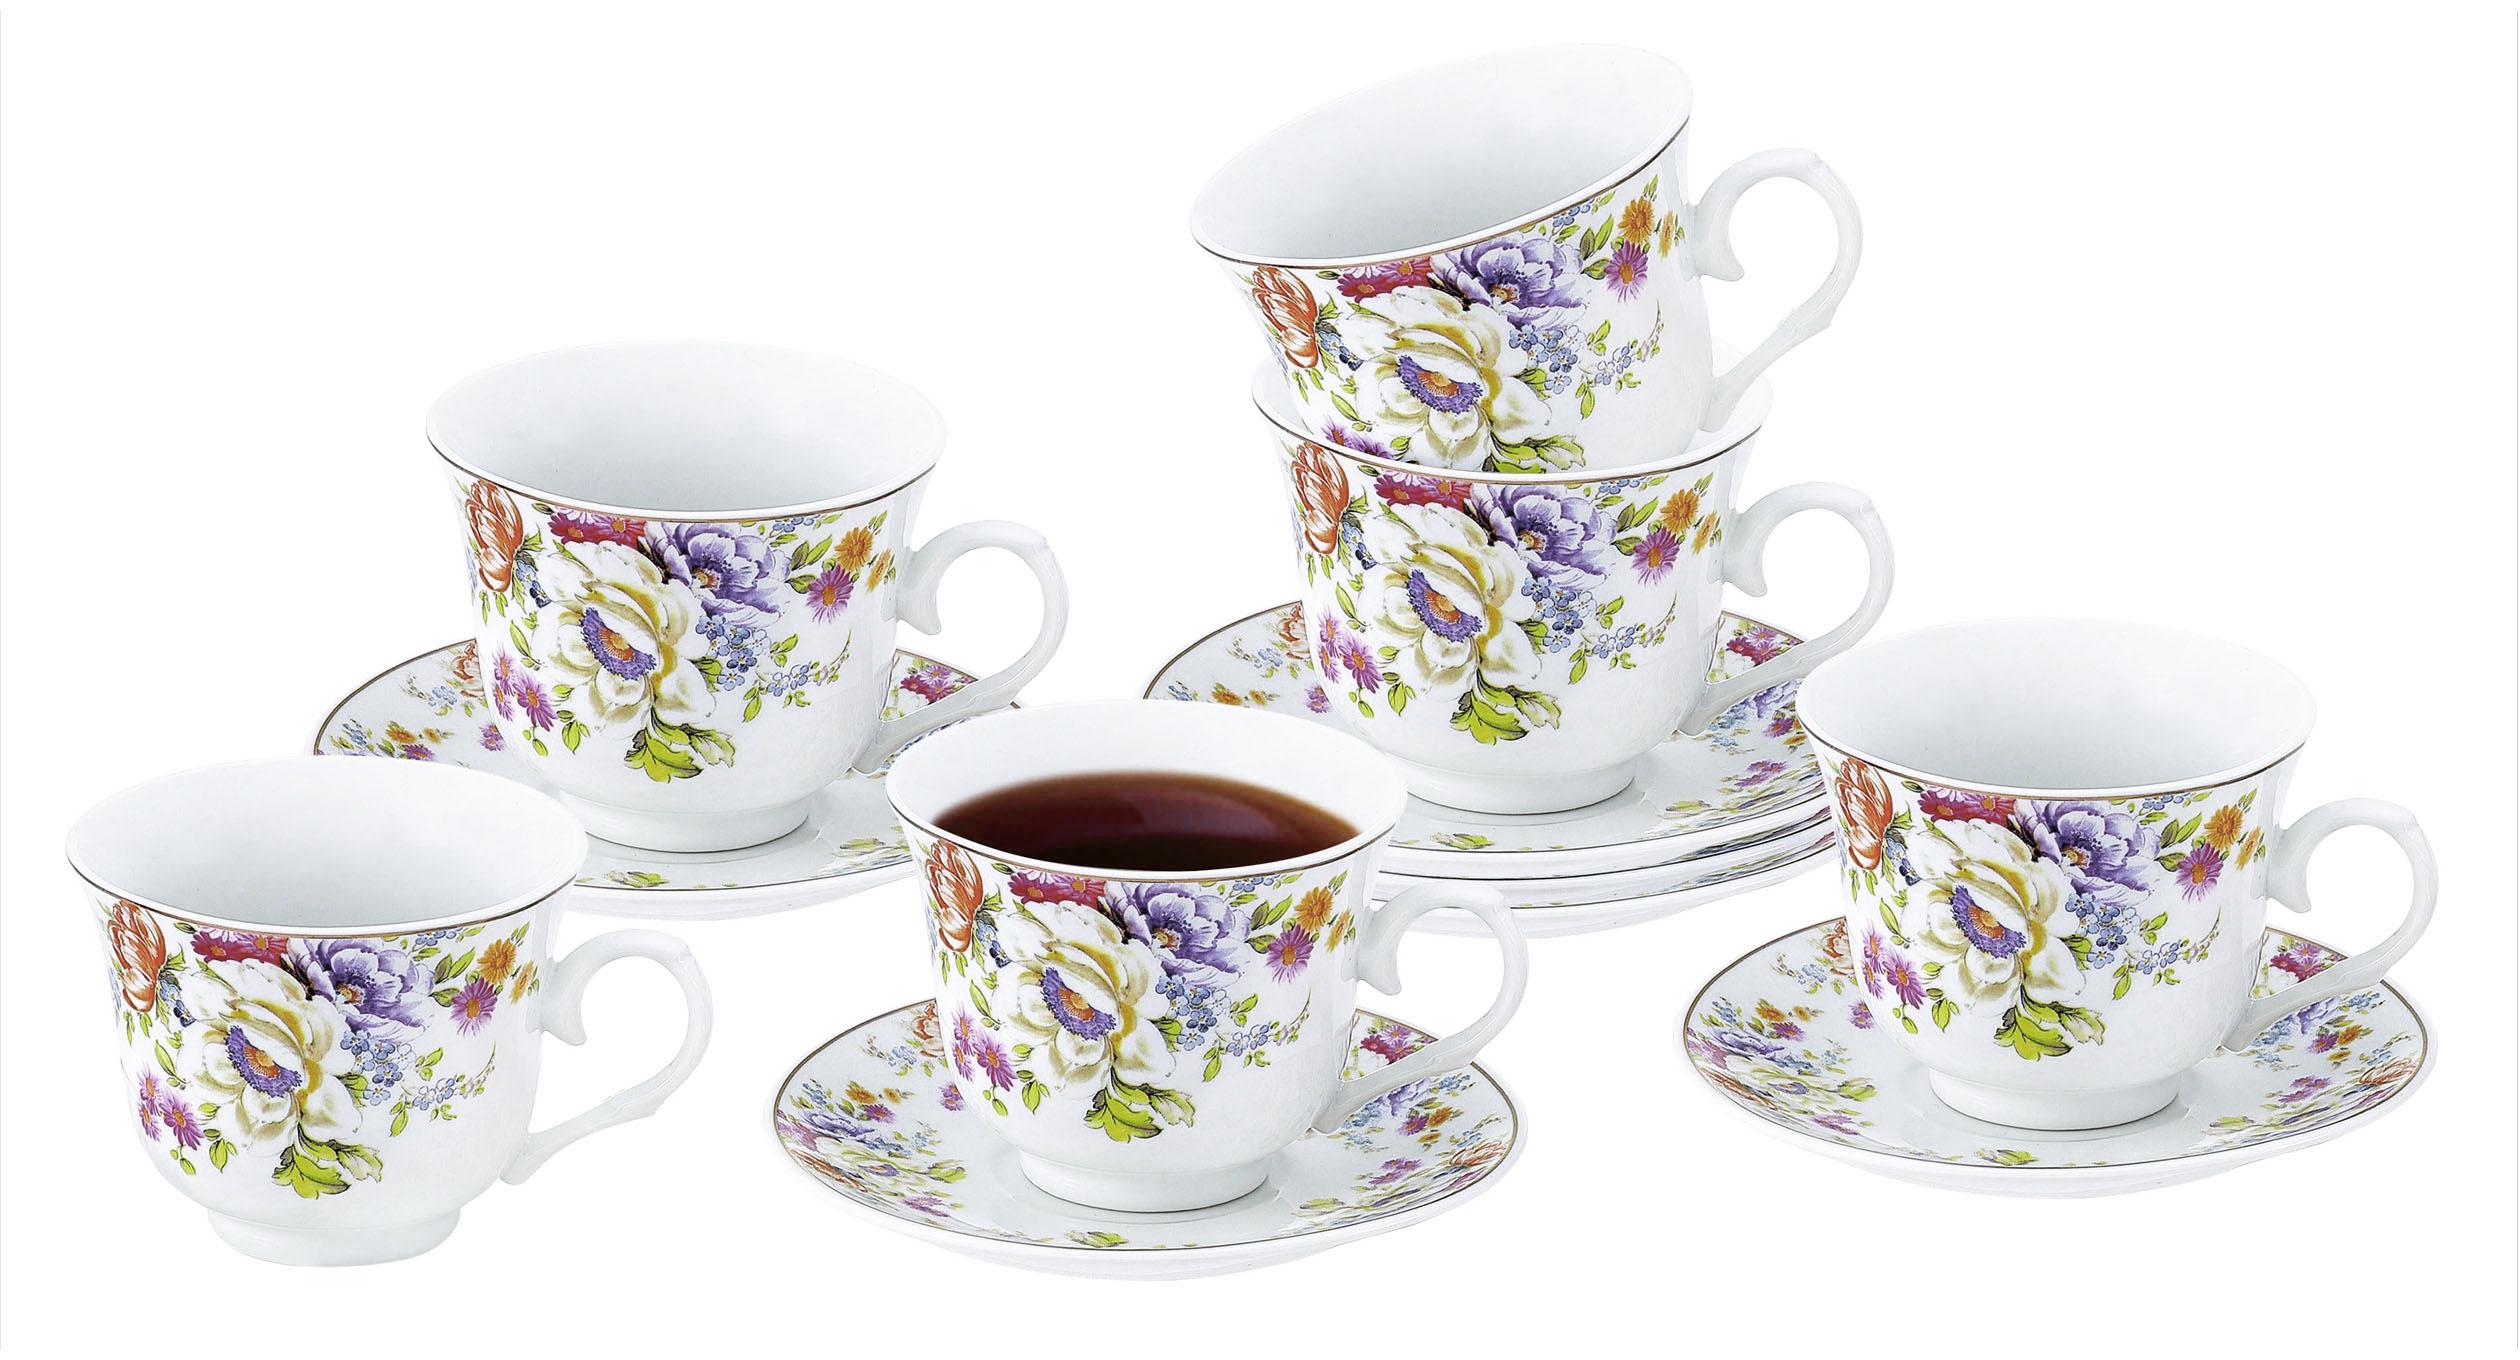 Чайный набор, 12 предметов Rosenberg RPO-115042 фото